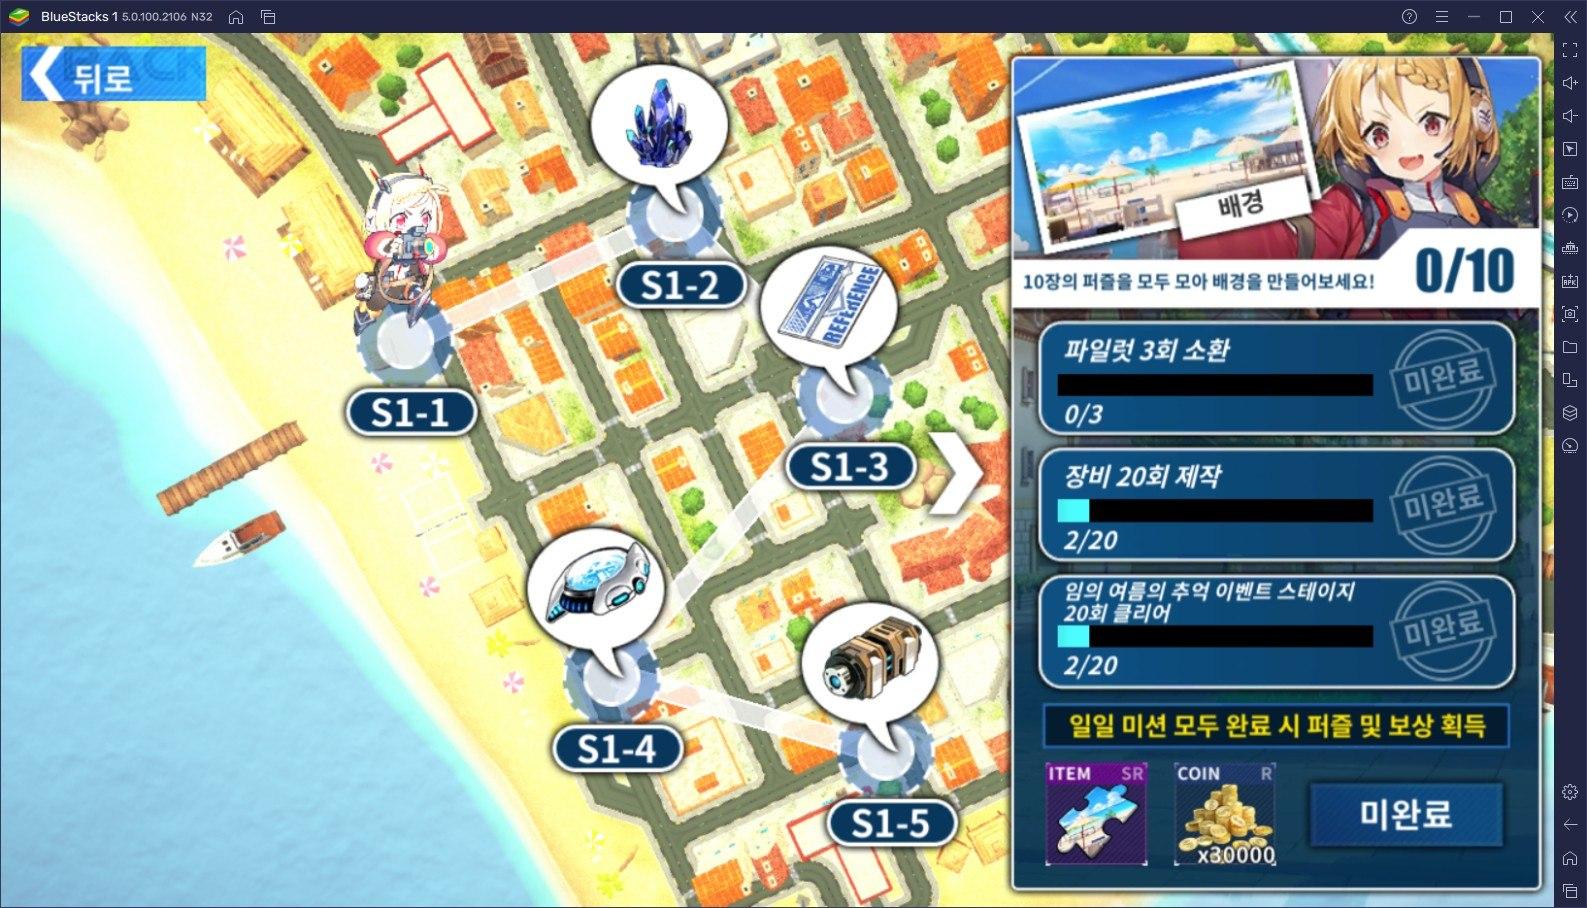 여름맞이 축제 개시! 파이널기어의 여름 한정 이벤트를 PC로 블루스택 앱플레이어에서 즐겨봐요